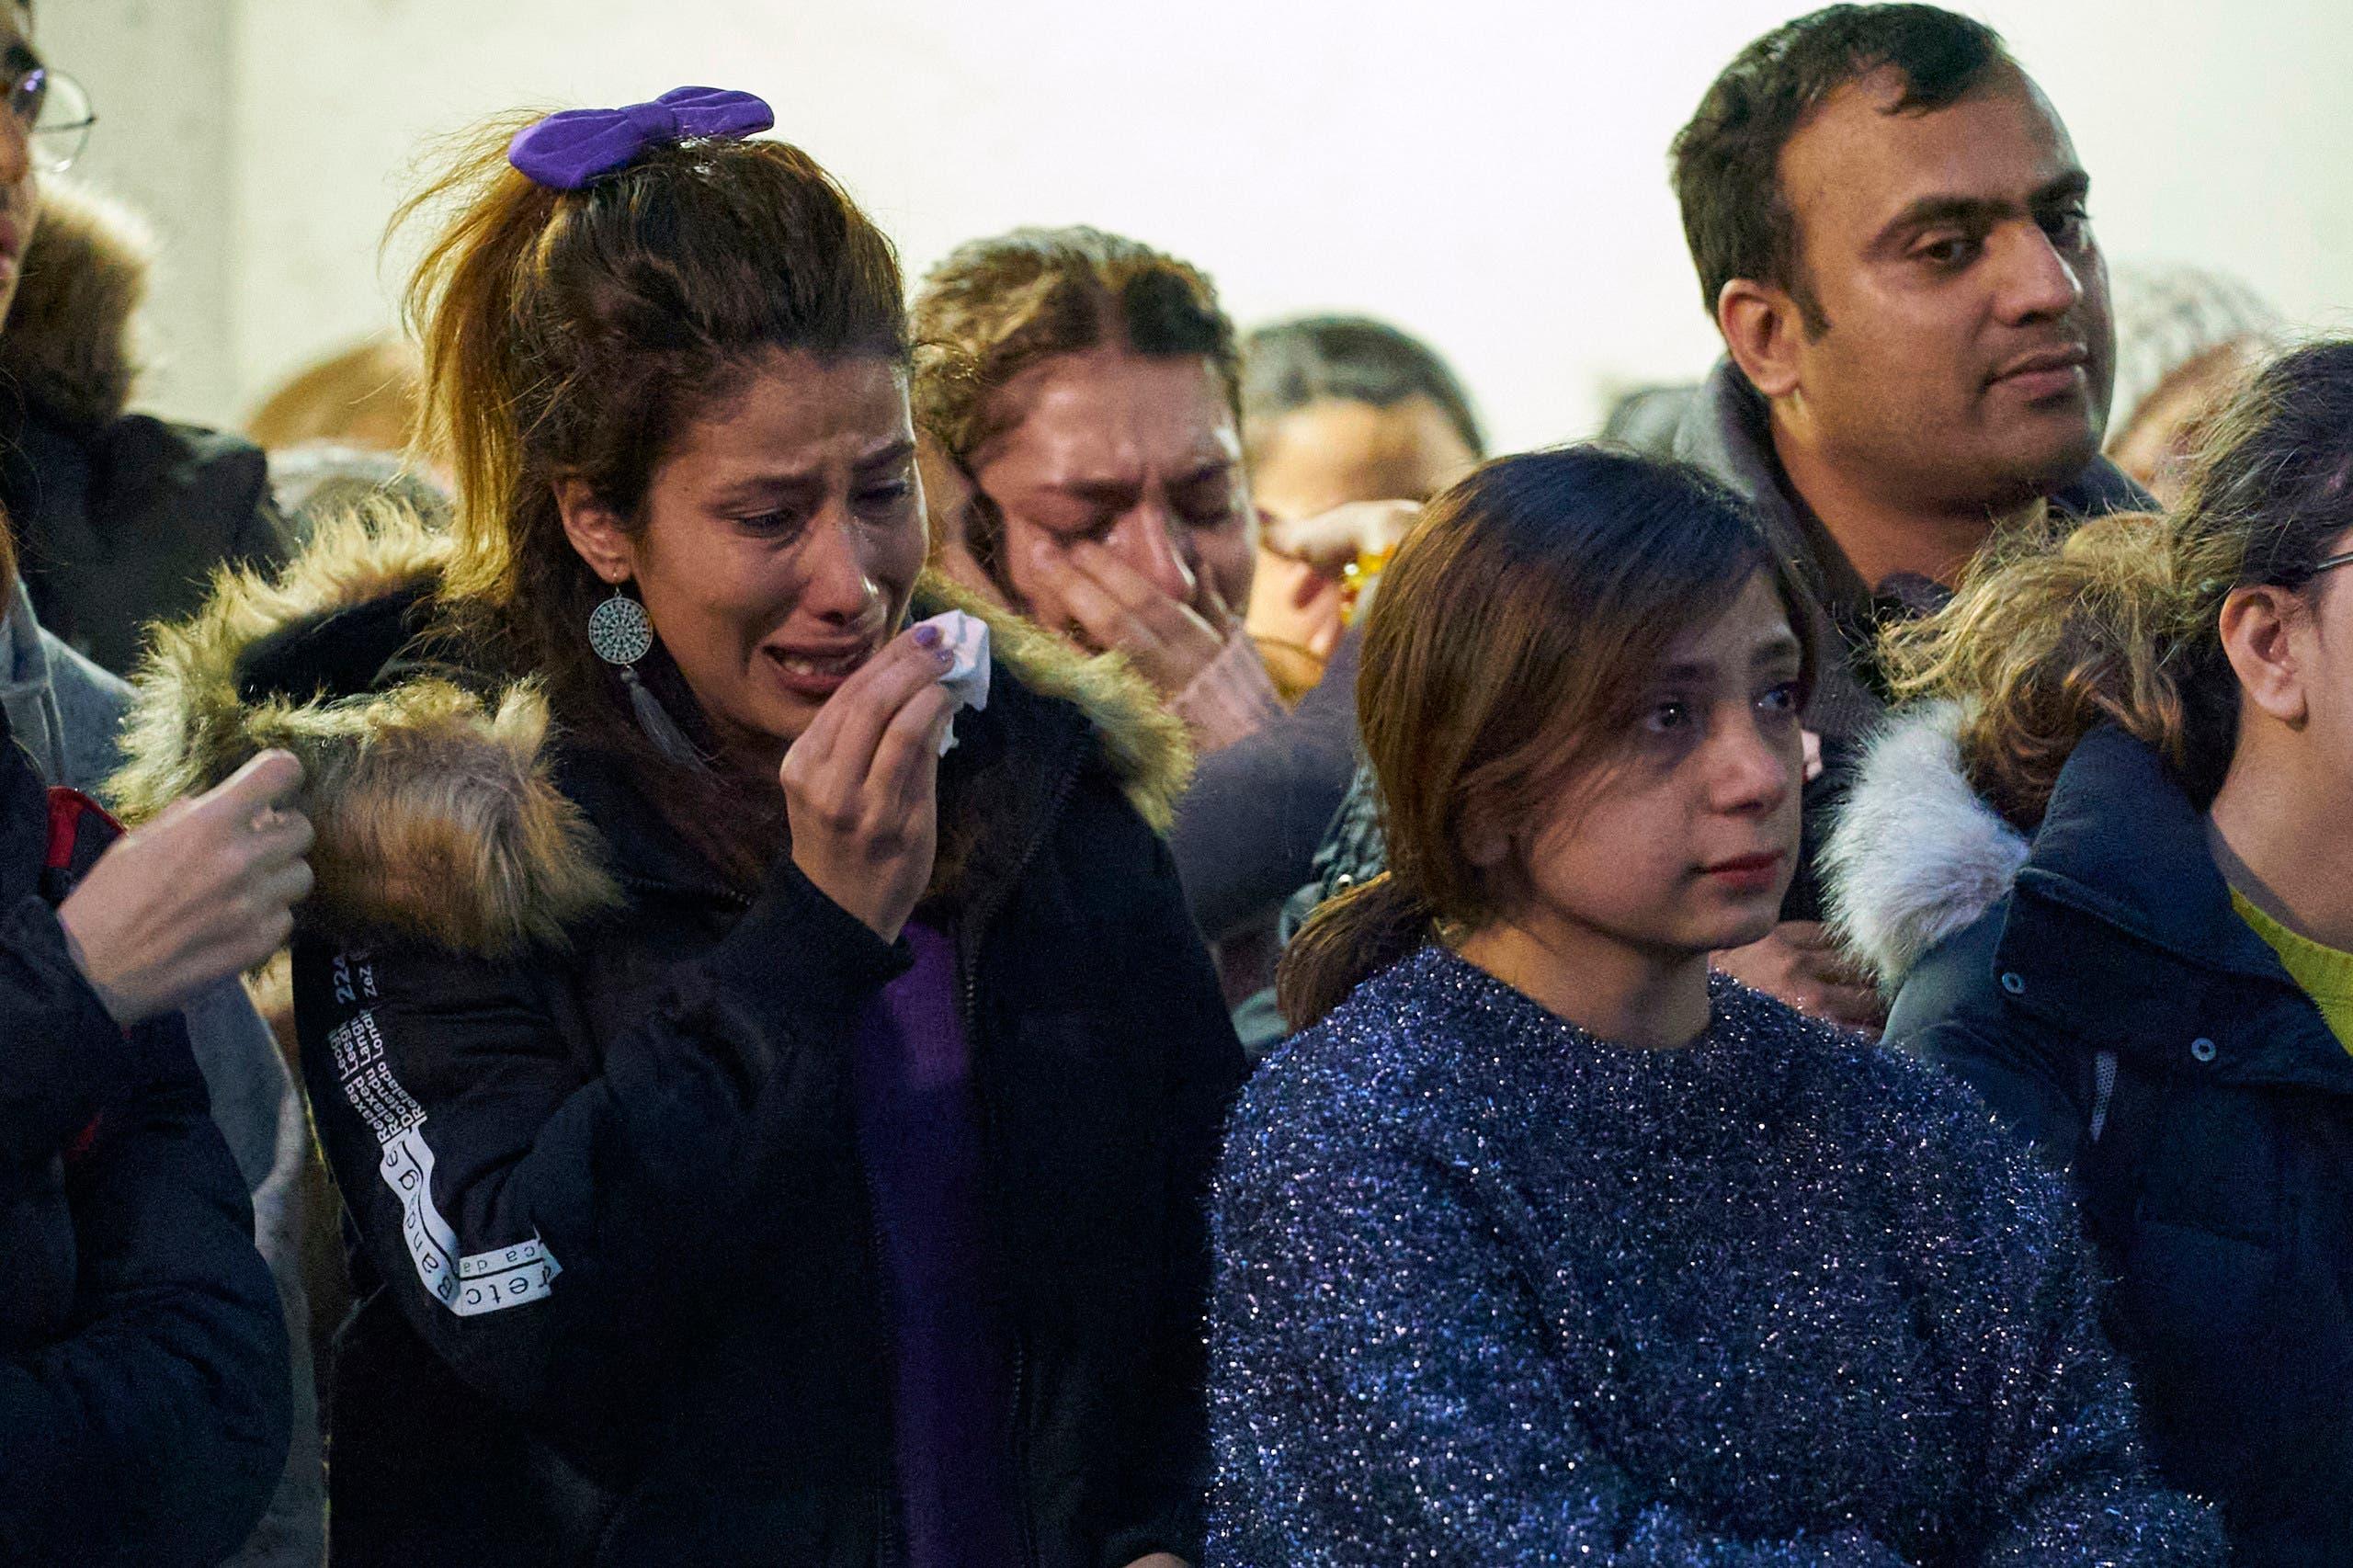 جثث الطائرة الأوكرانية تلاحق طهران  ..  قريب ضحيتين يروي التفاصيل بالدموع